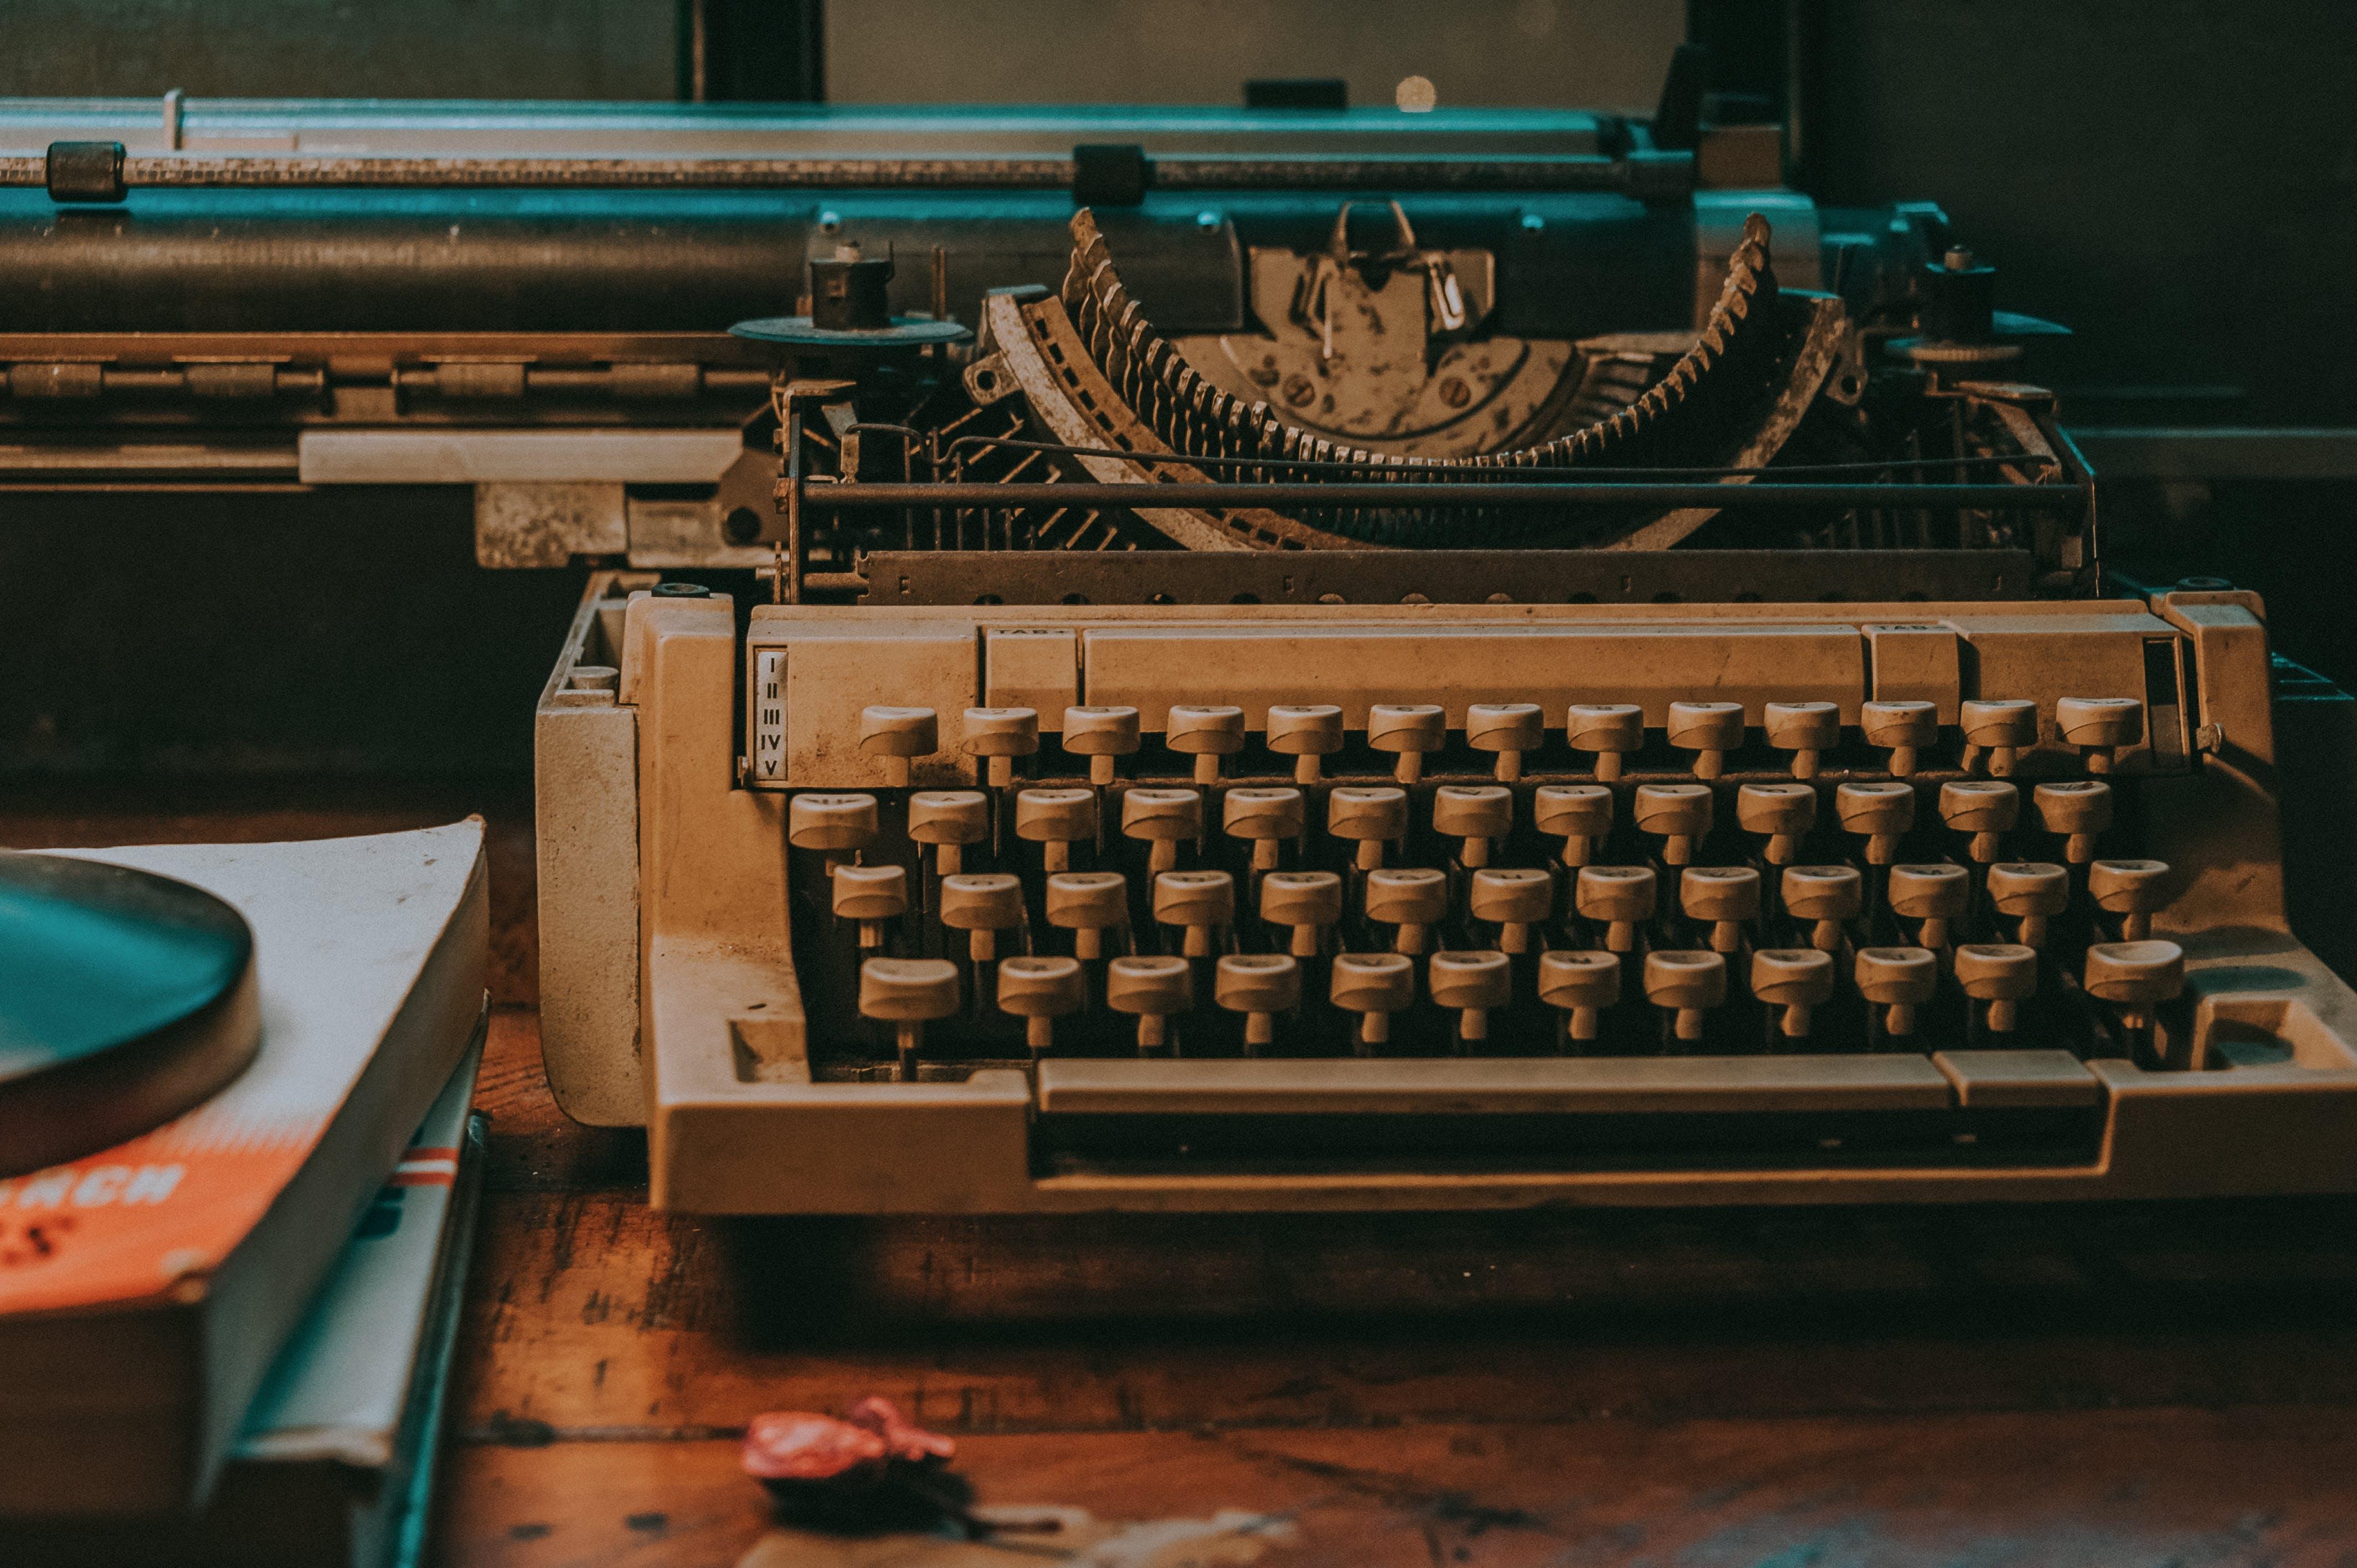 Close-Up Photo of Vintage Typewriter